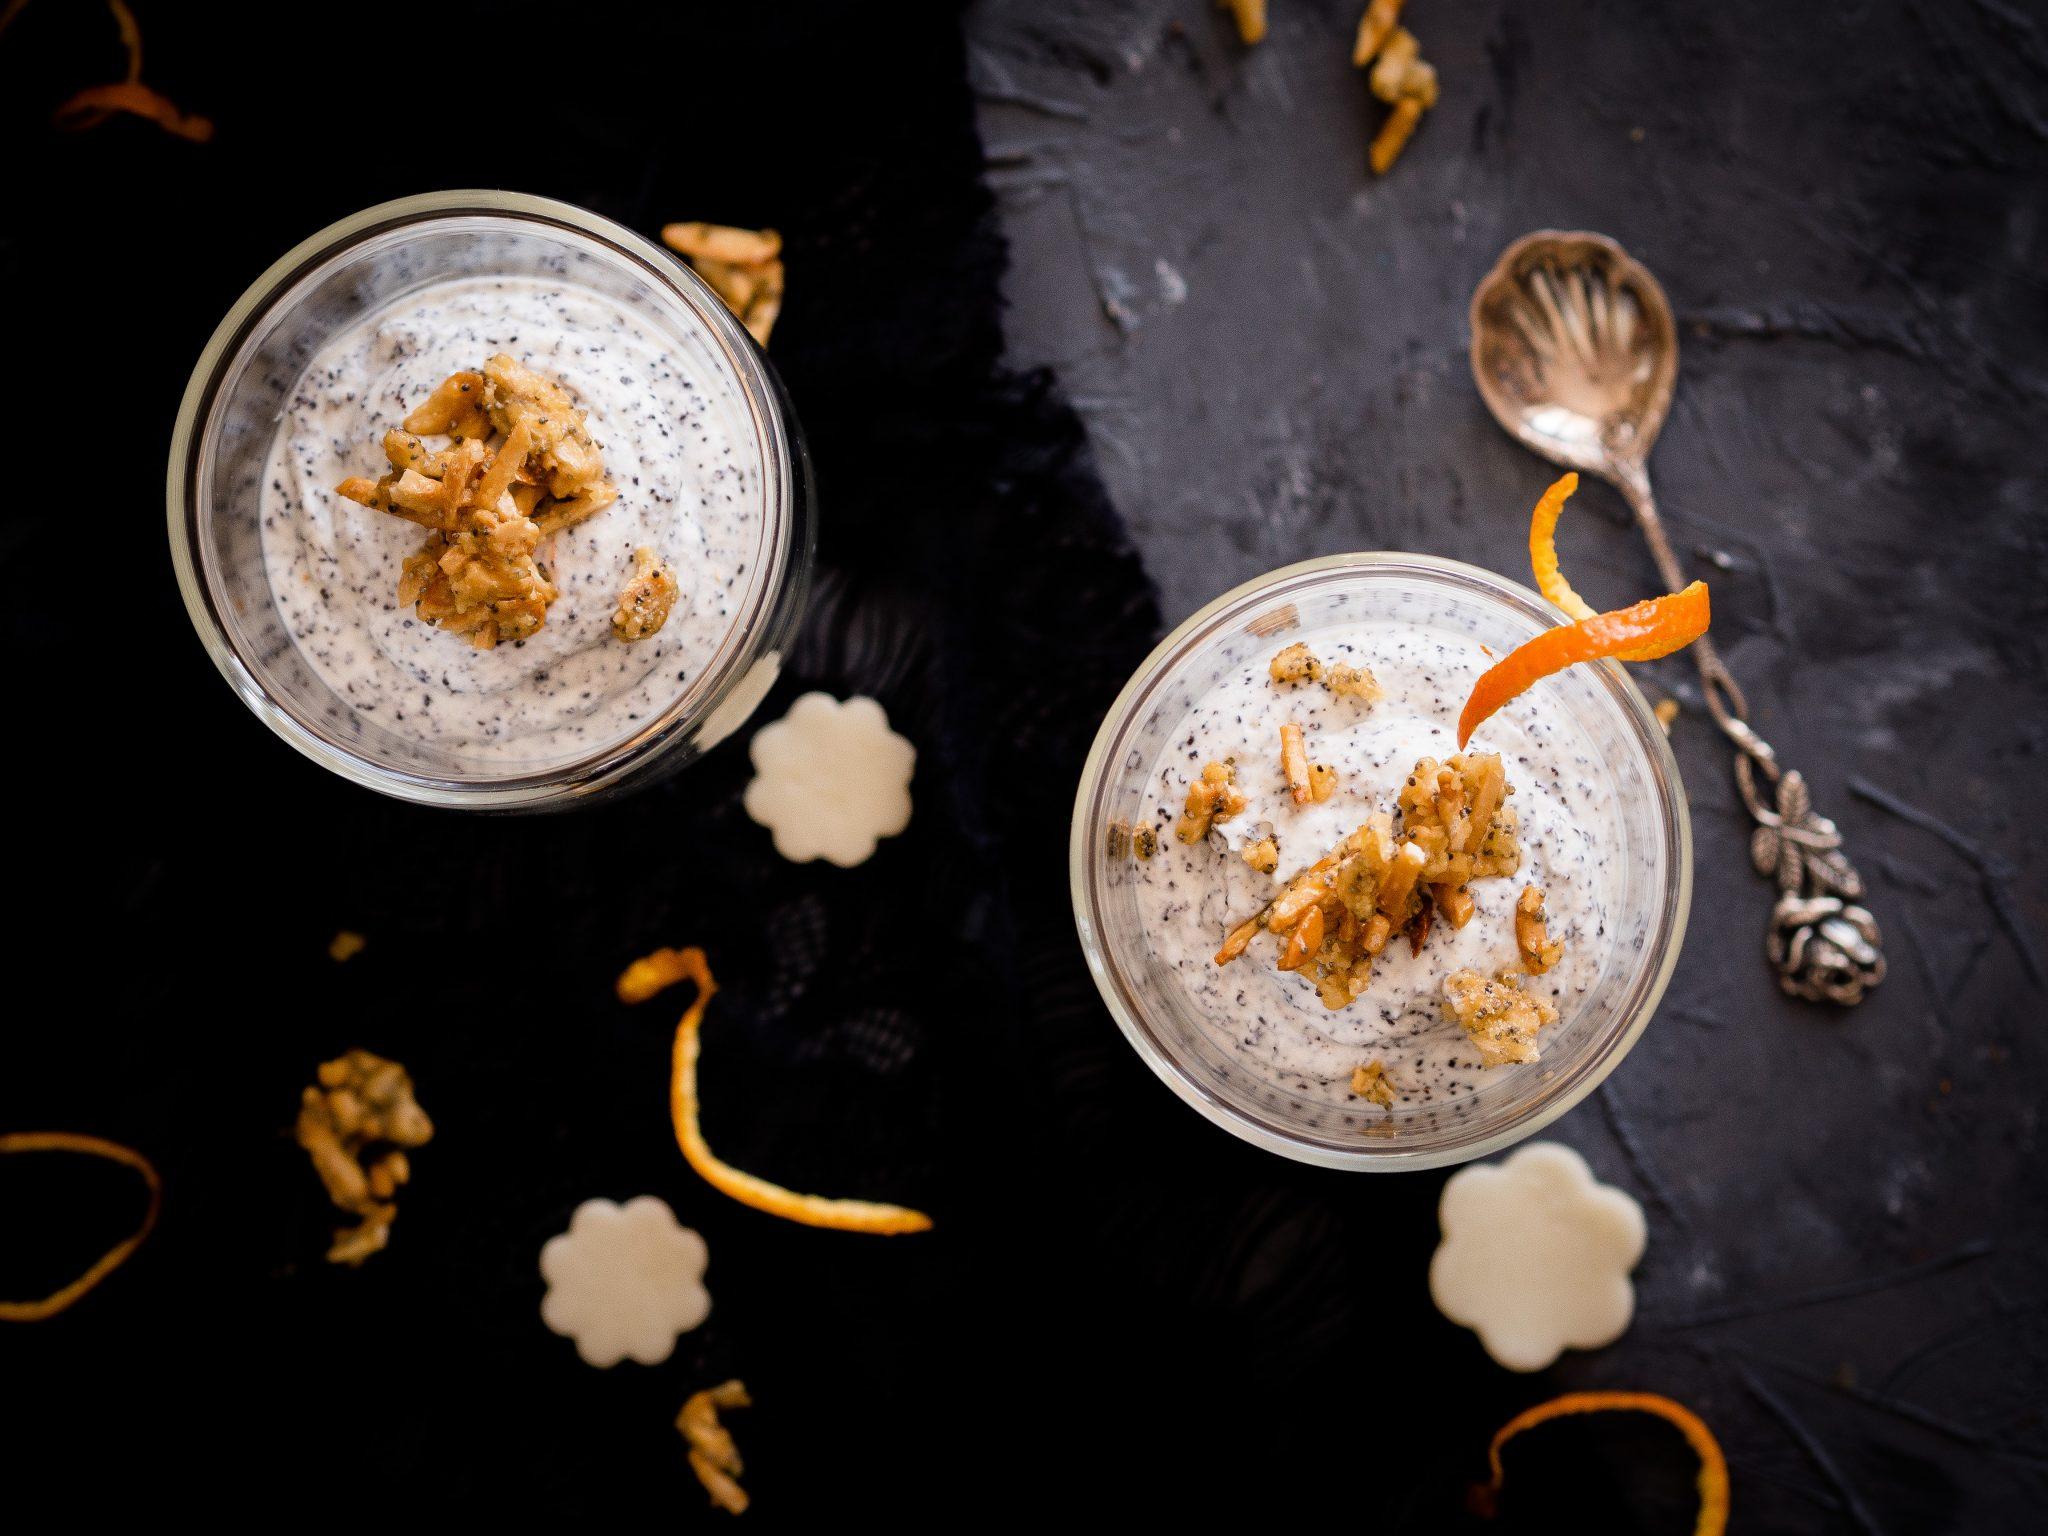 Dessert im Glas mit Marzipan und Mohn